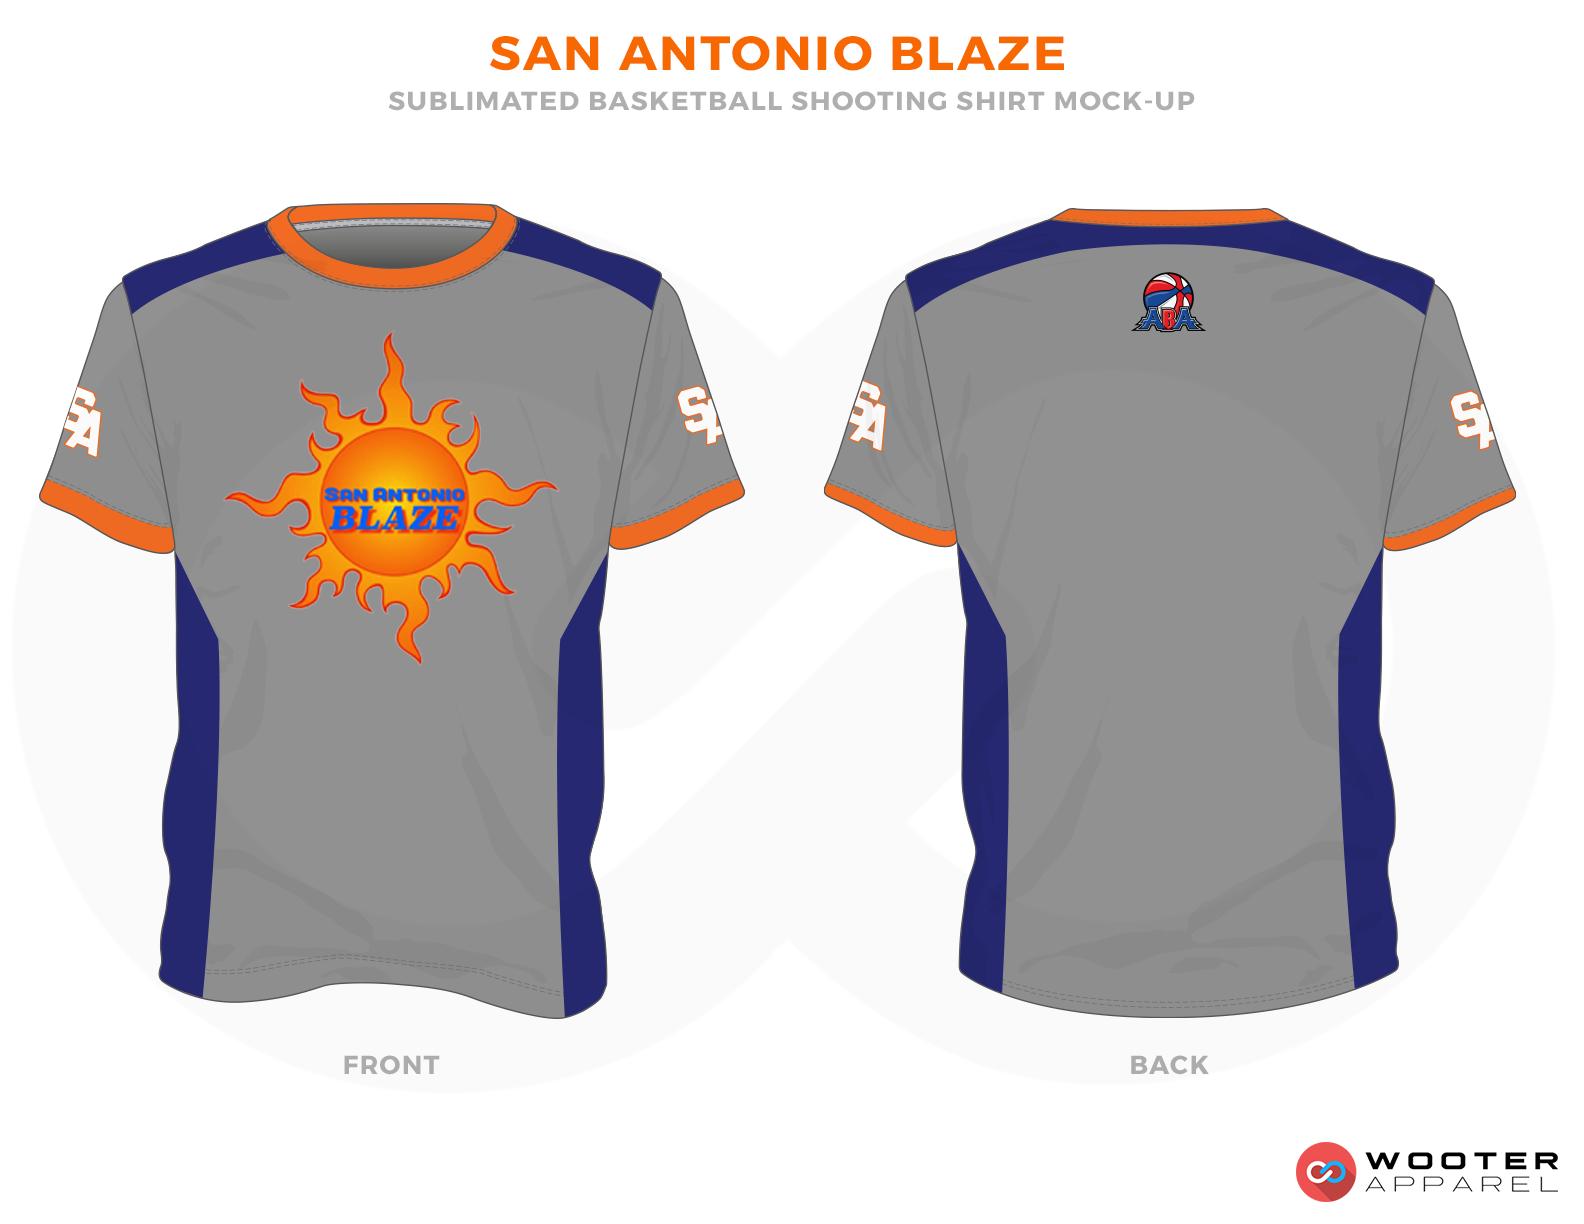 SAN ANTONIO BLAZE Orange Blue Grey and White RICHMOND ELITE ABA Grey Red and White Premium Shooting Shirt